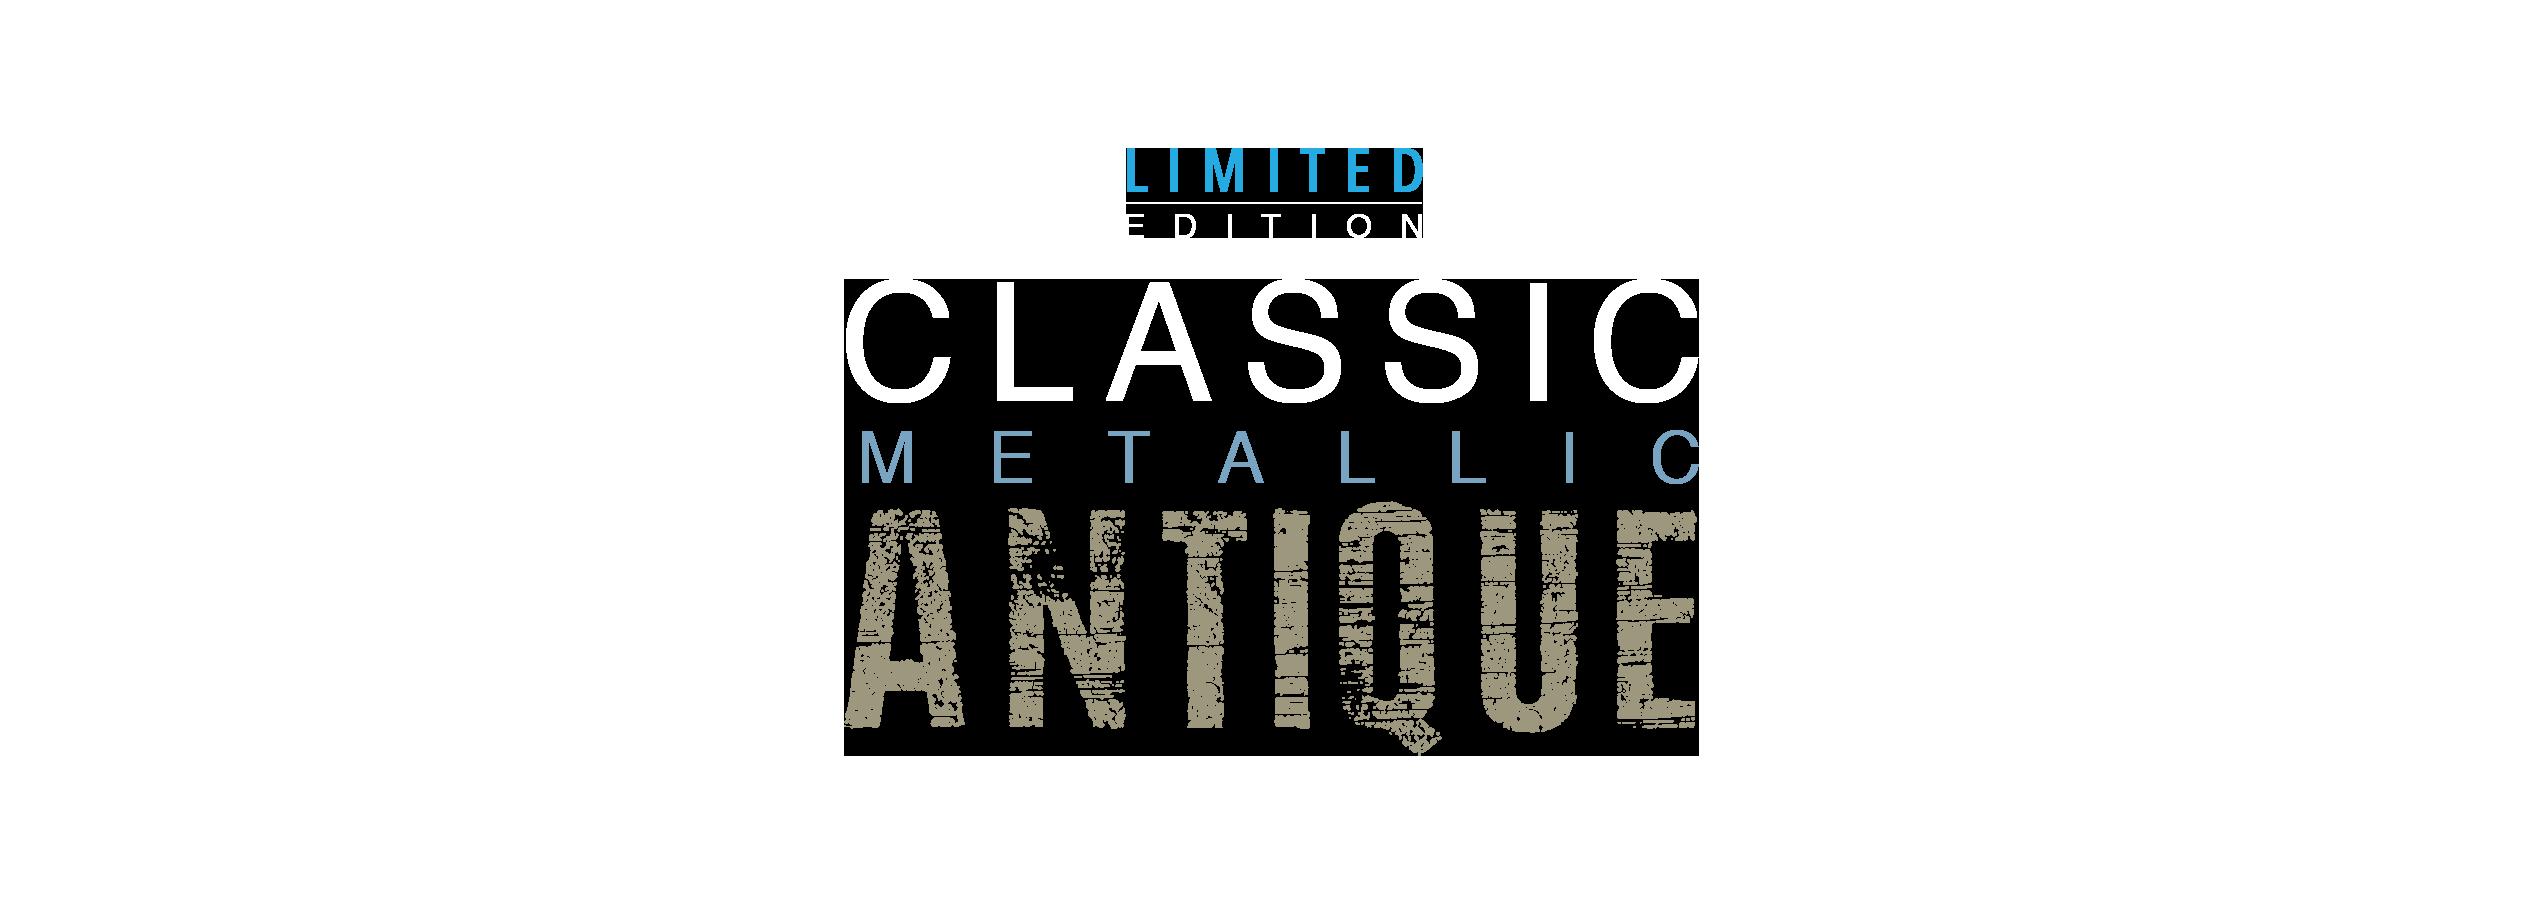 Suhr Classic Antique Metallic - Limited Edition